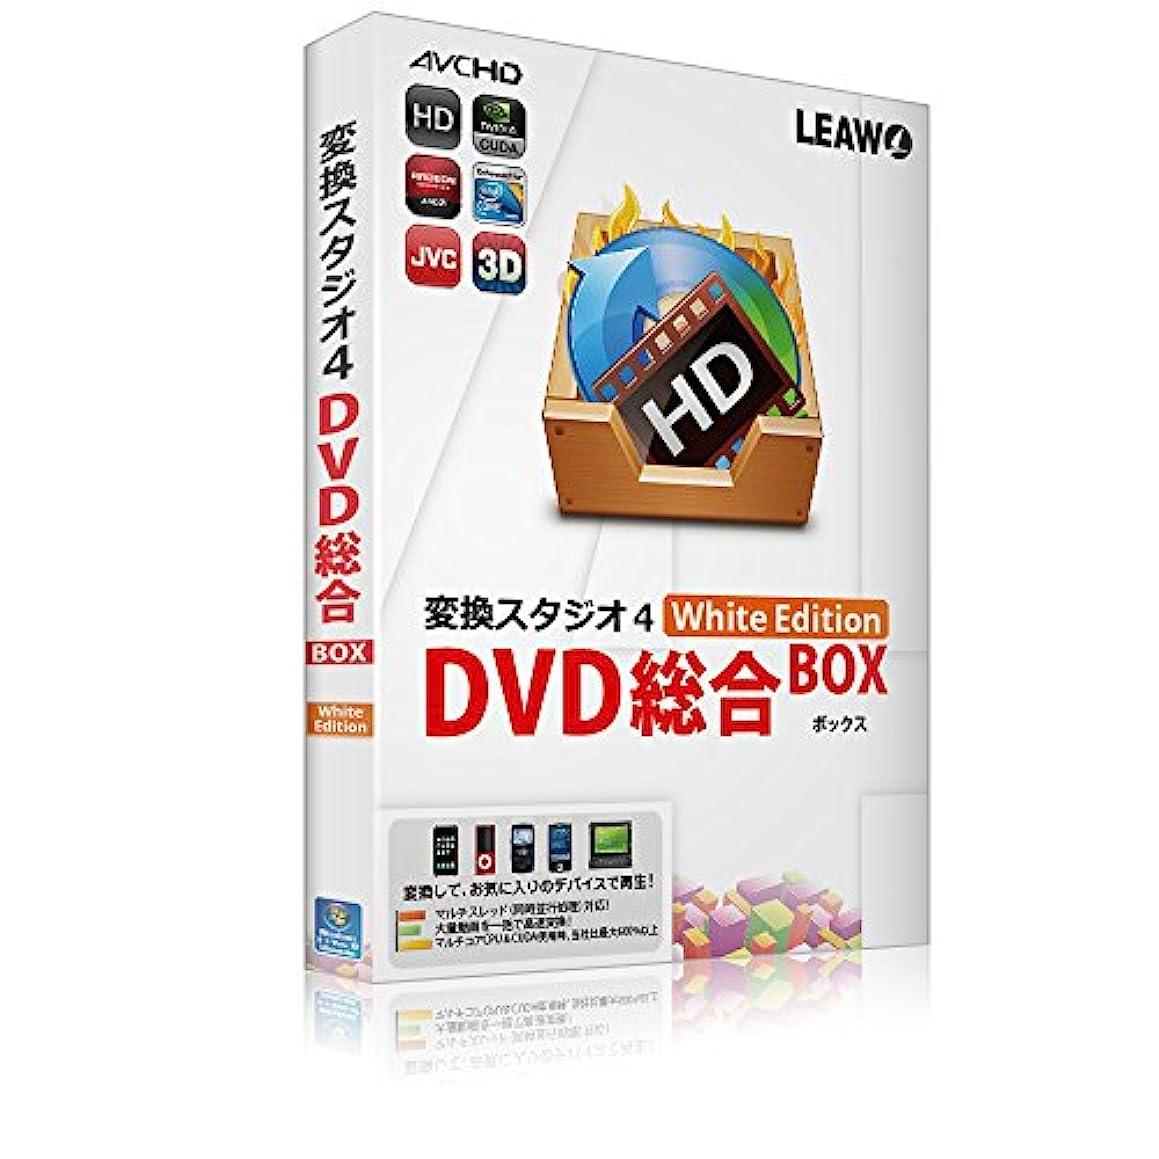 変換スタジオ 4 DVD総合 BOX <White Edition> - DVD変換、DVD作成、AVCHD動画変換、動画編集!DVDならお任せ動画変換ソフト  -